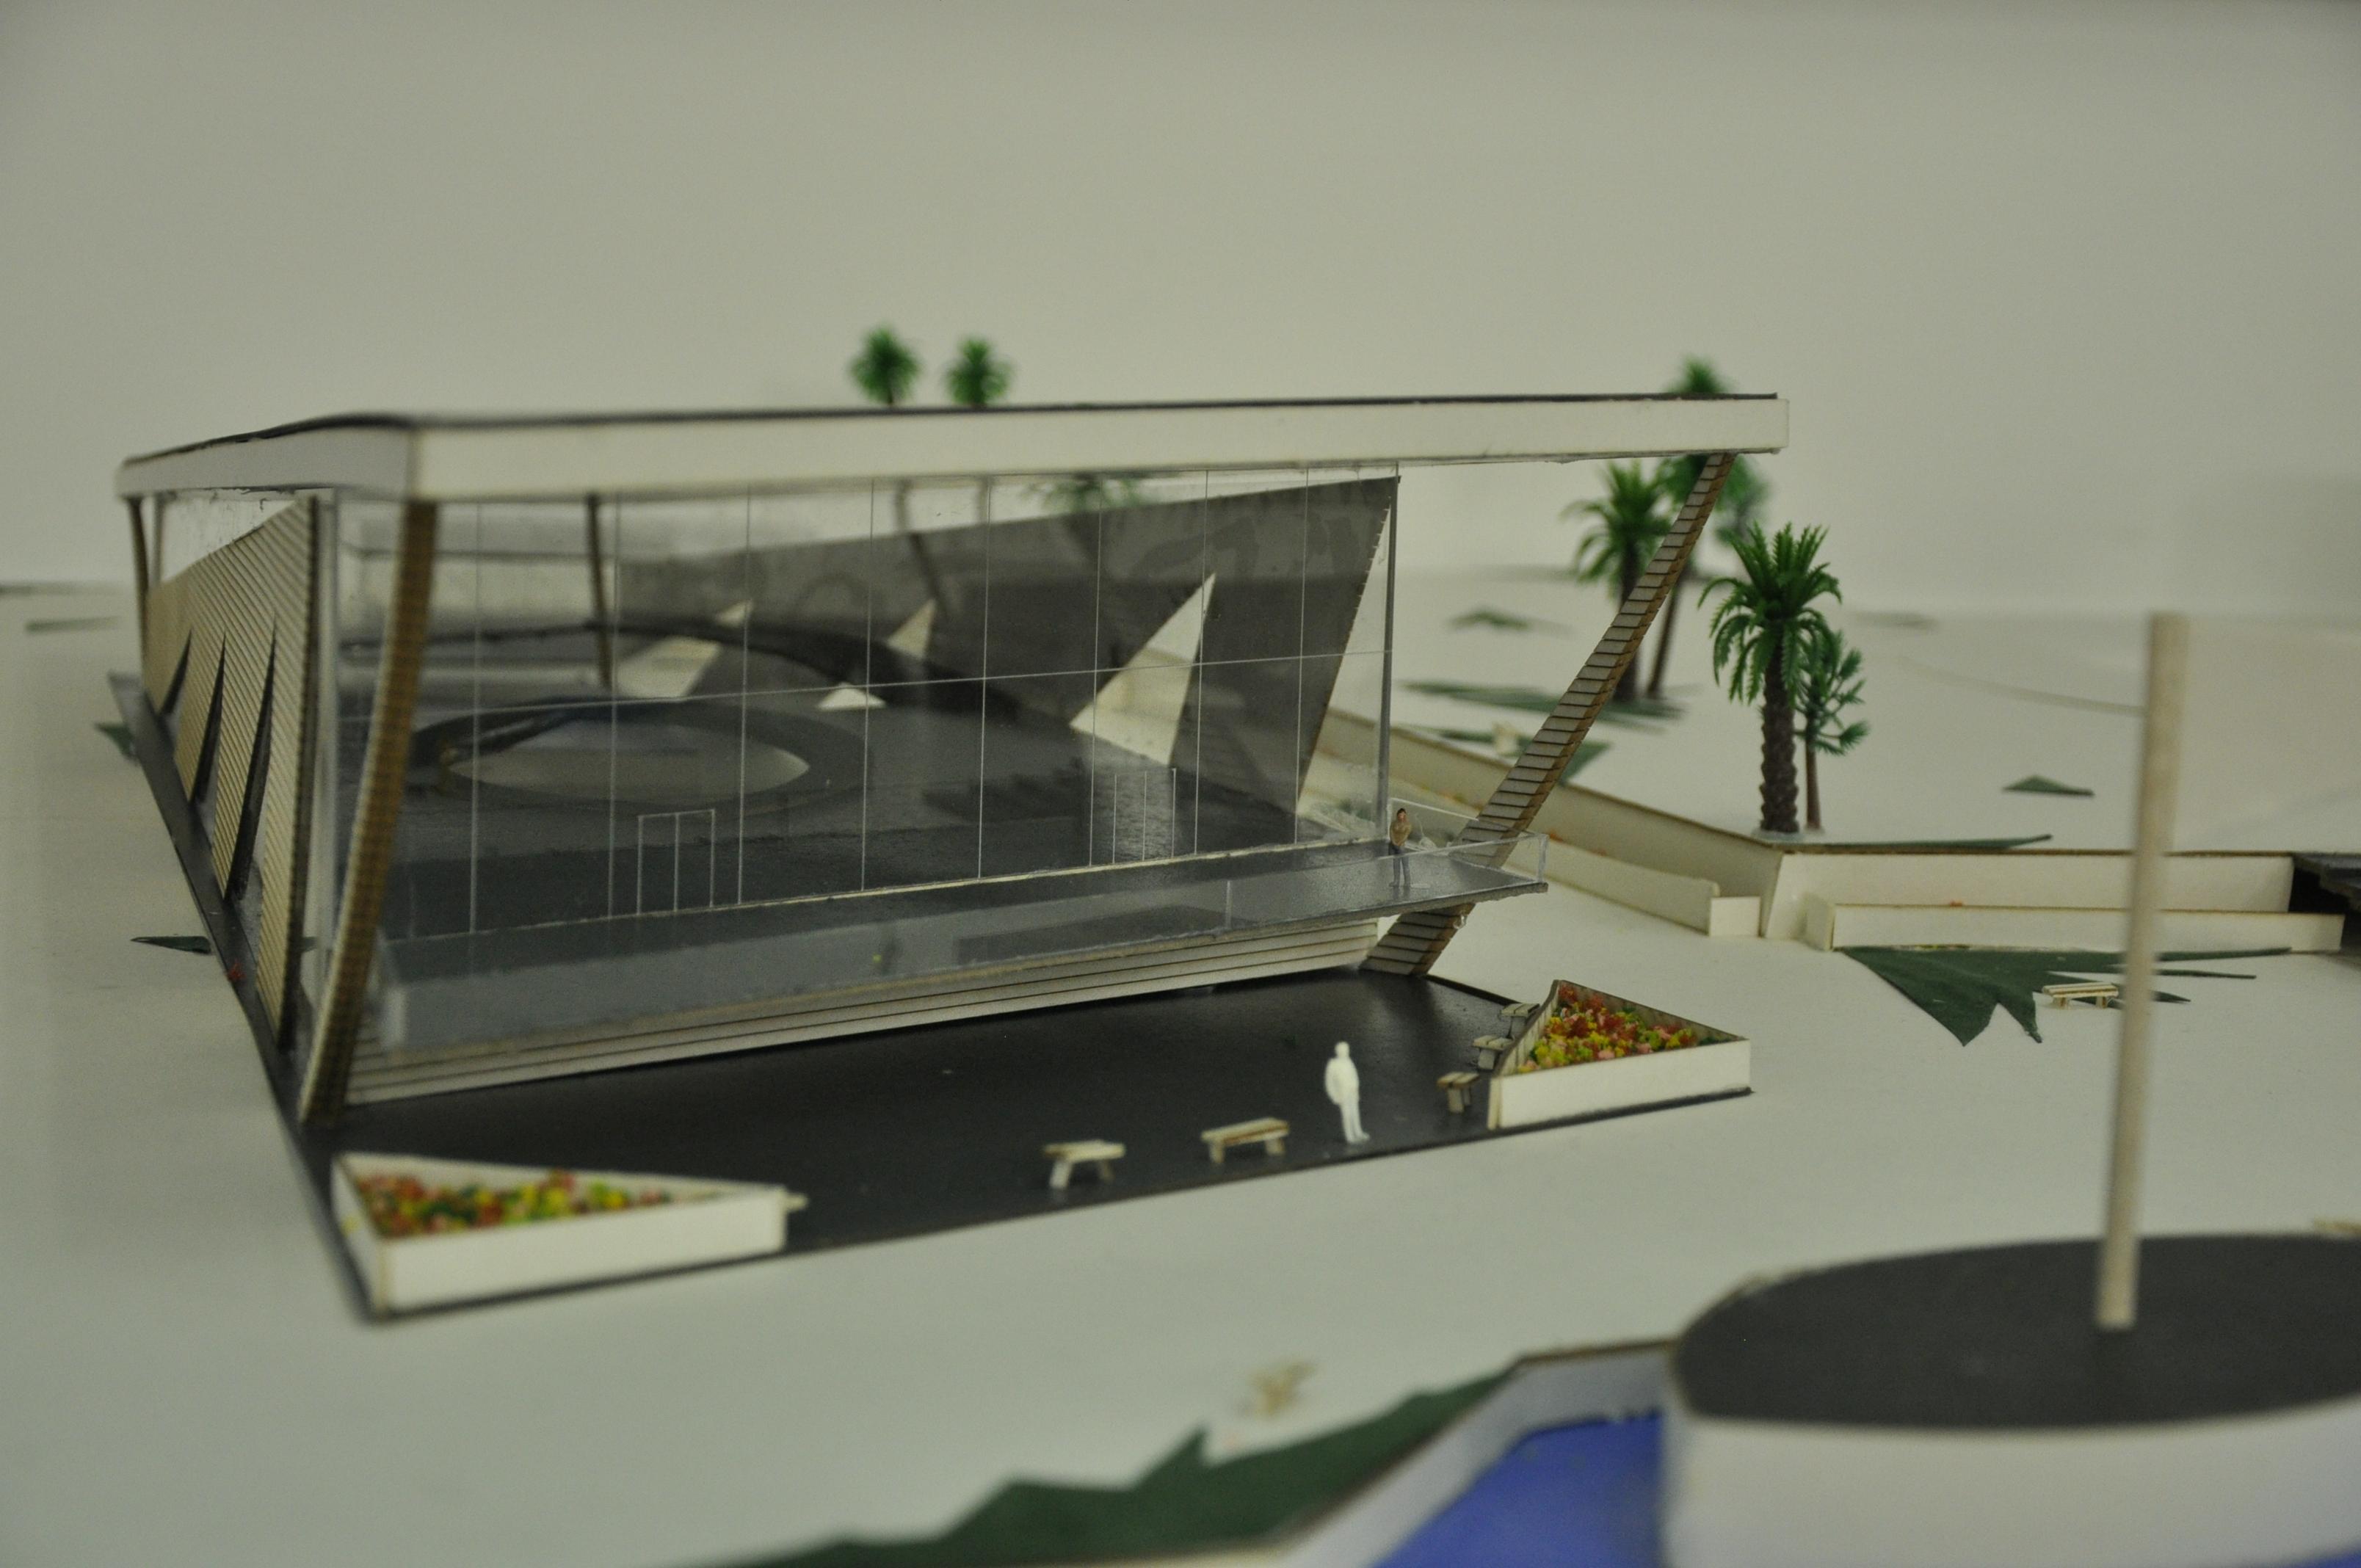 תכנון מרכז ספורט ימי, הנדסאי אדריכלות. מגישה נוי מילר, מנחה תמיר גרינברג. צילום: מאיה לוי - שנקר הנדסאים